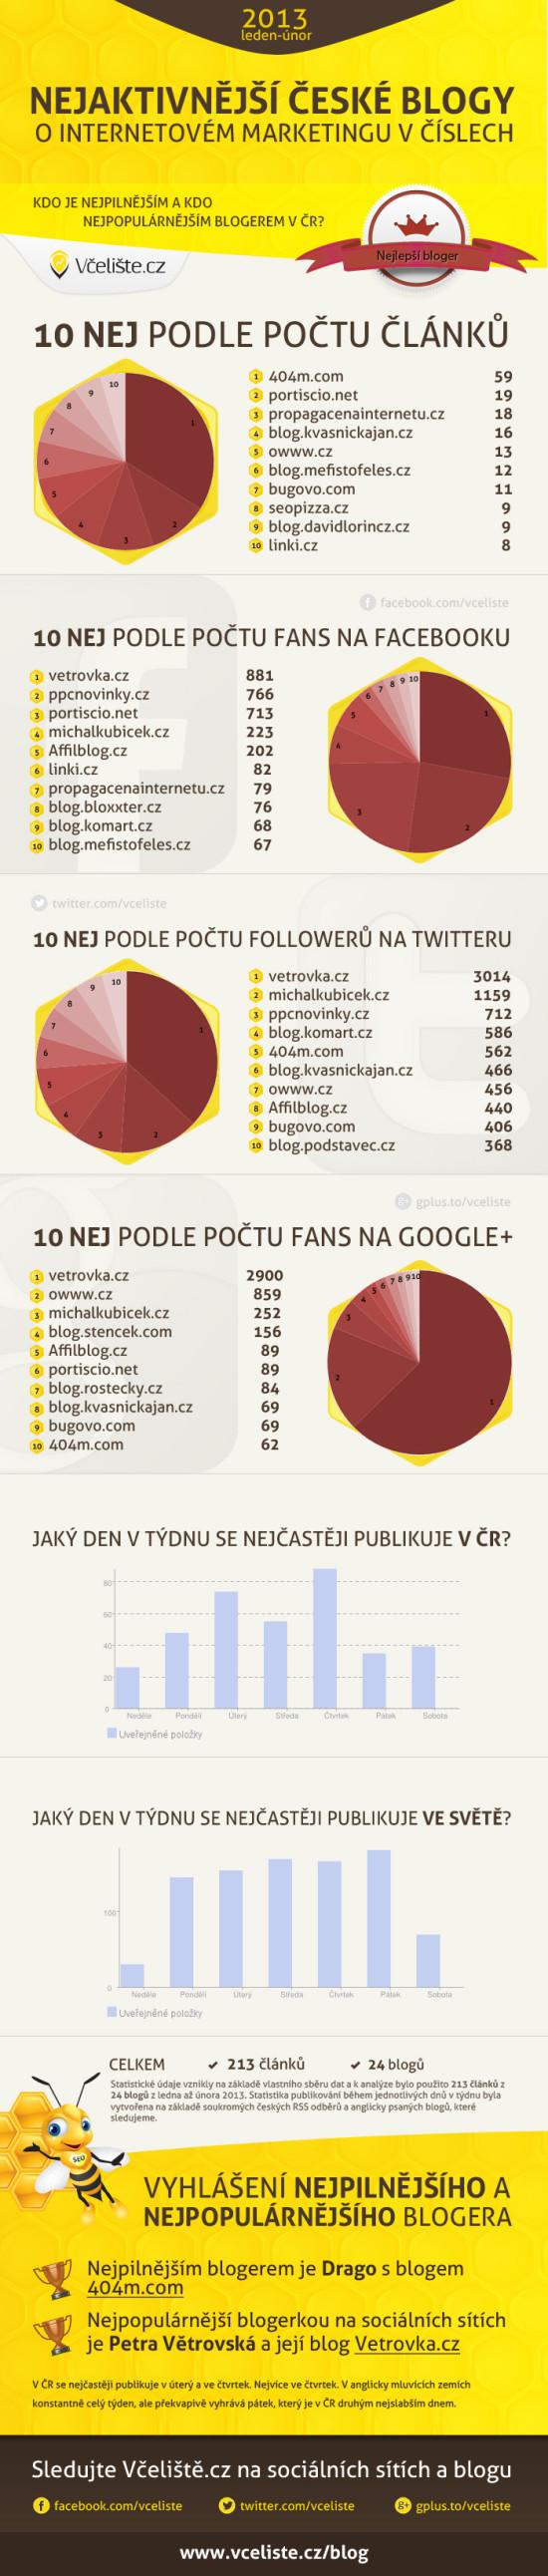 blogy - infografika